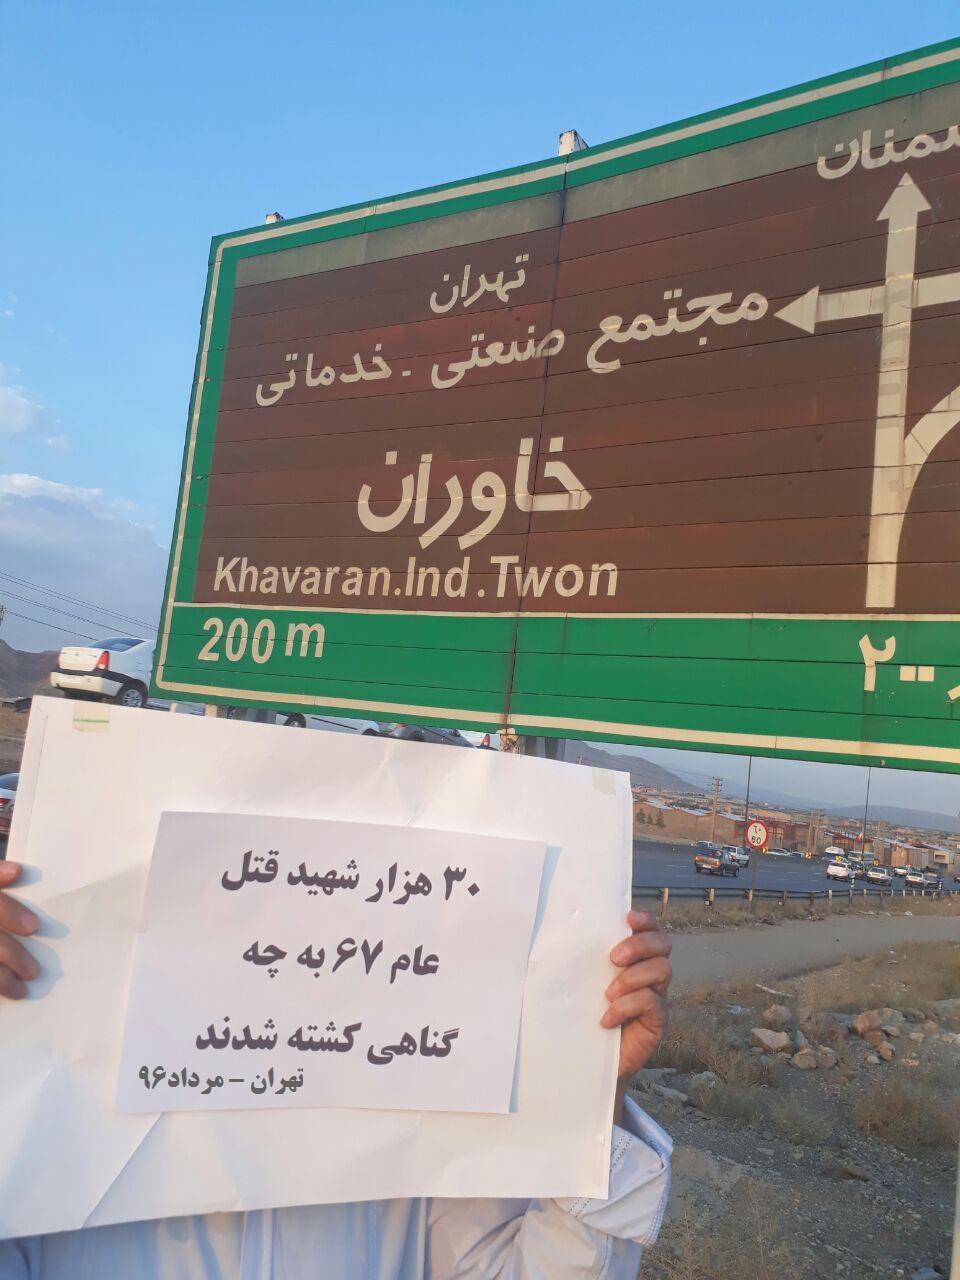 تهران - جنبش دادخواهی، خاوران